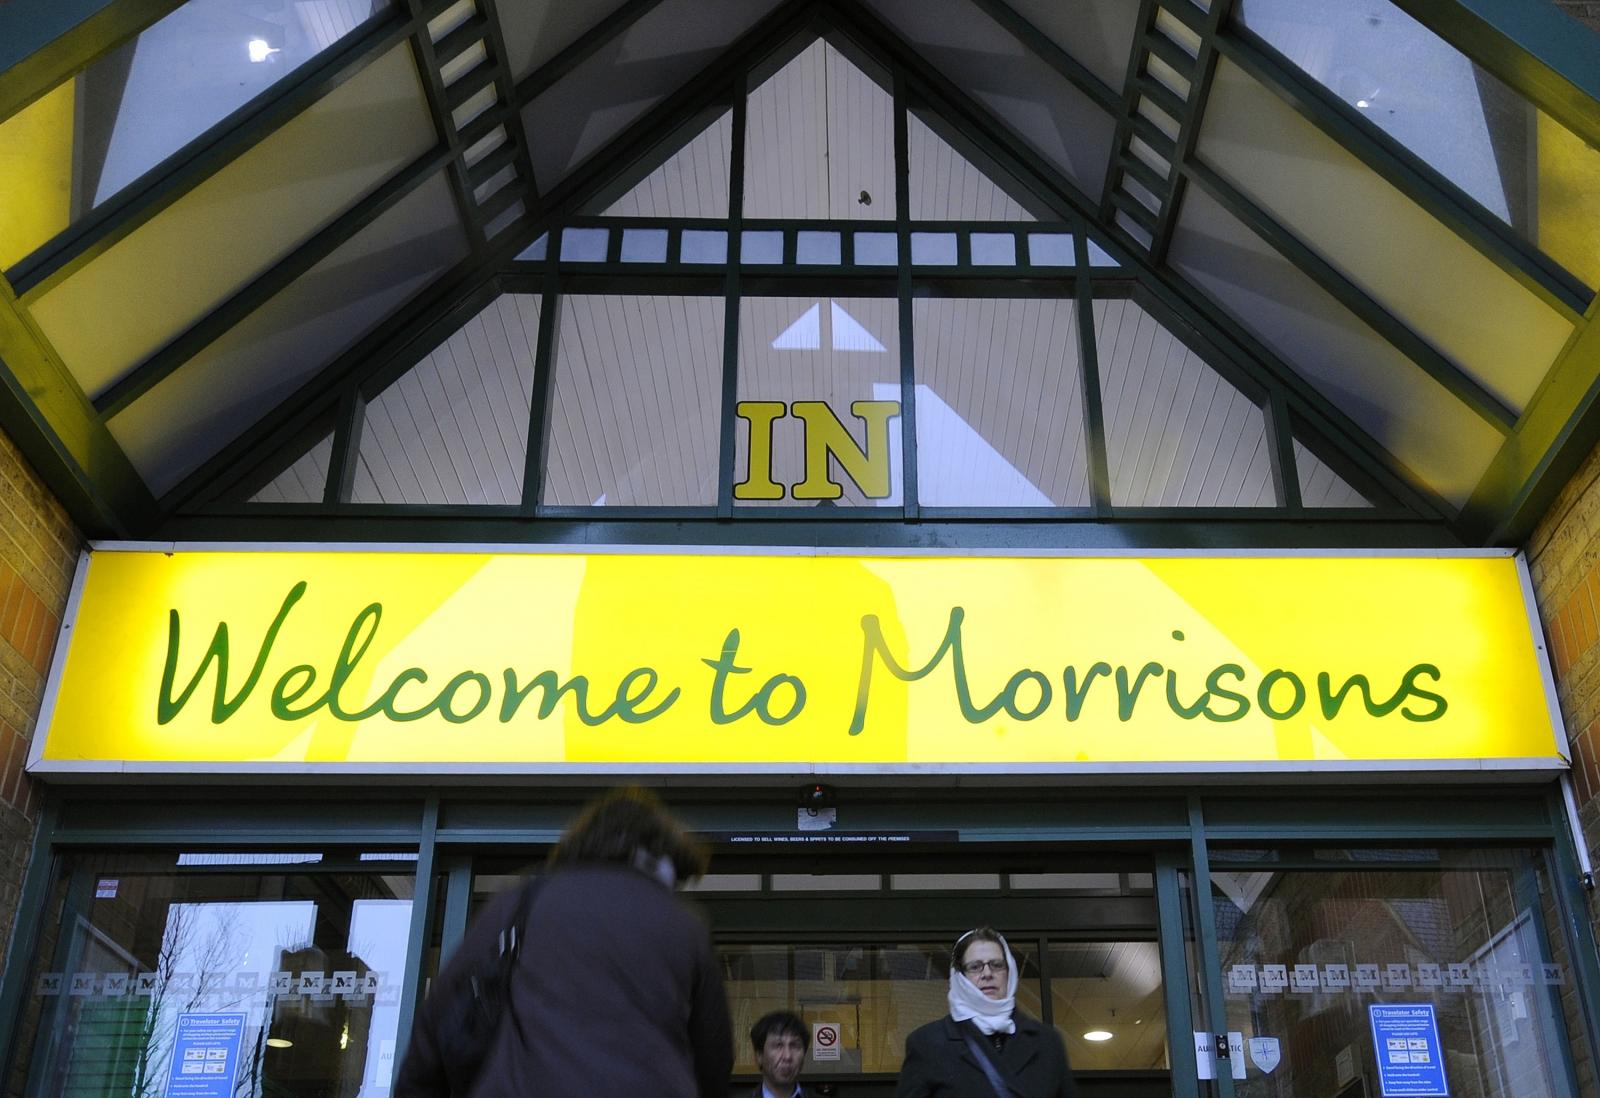 Morrisons' logo